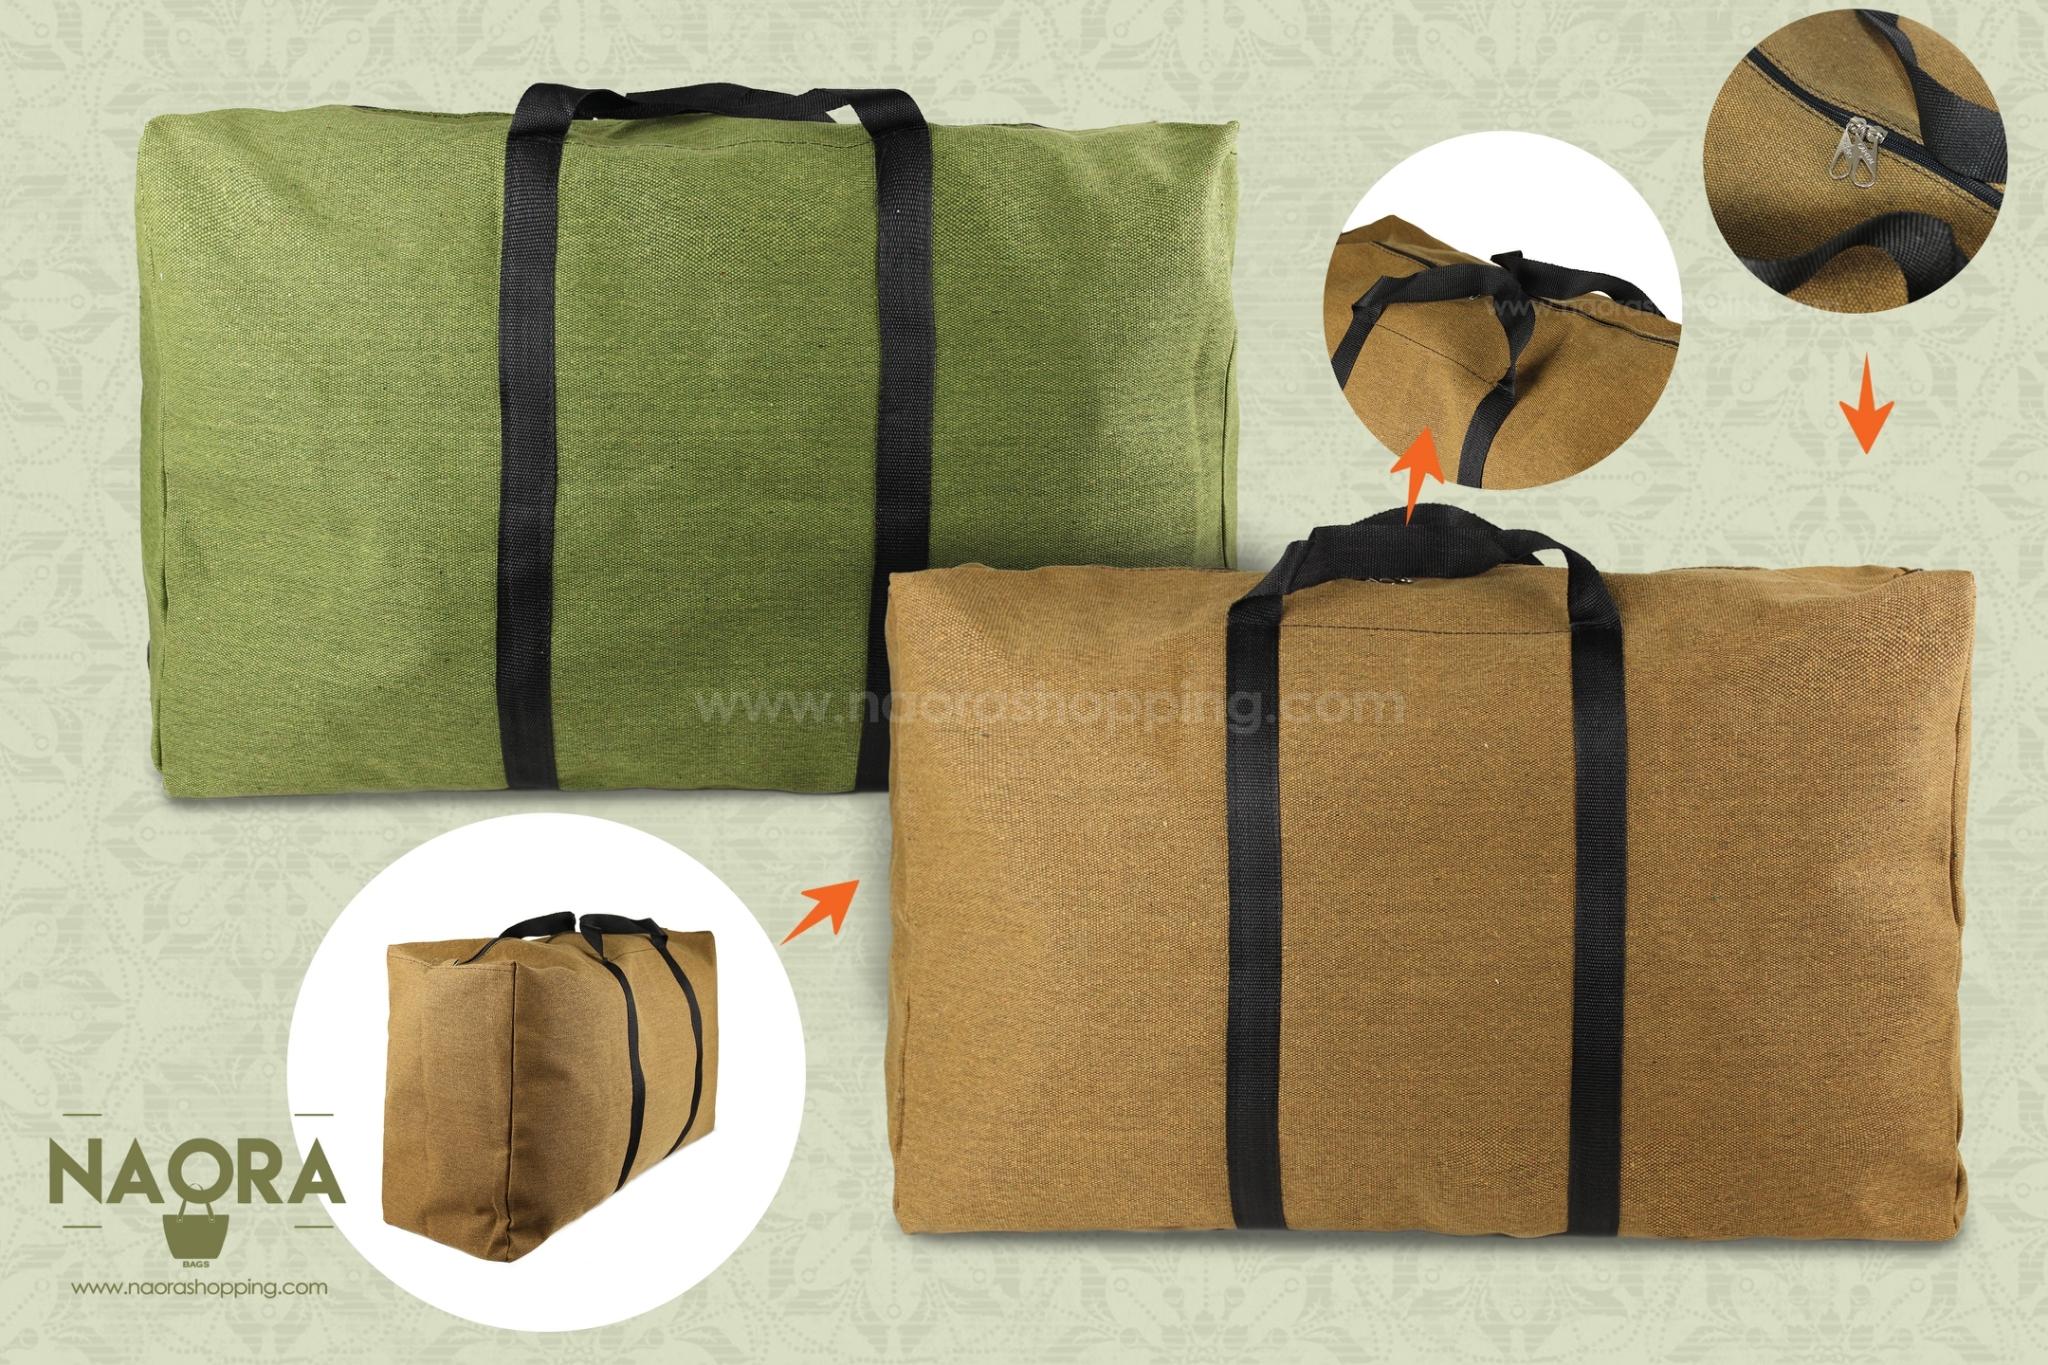 กระเป๋าไซด์ Jumbo แบบถือ